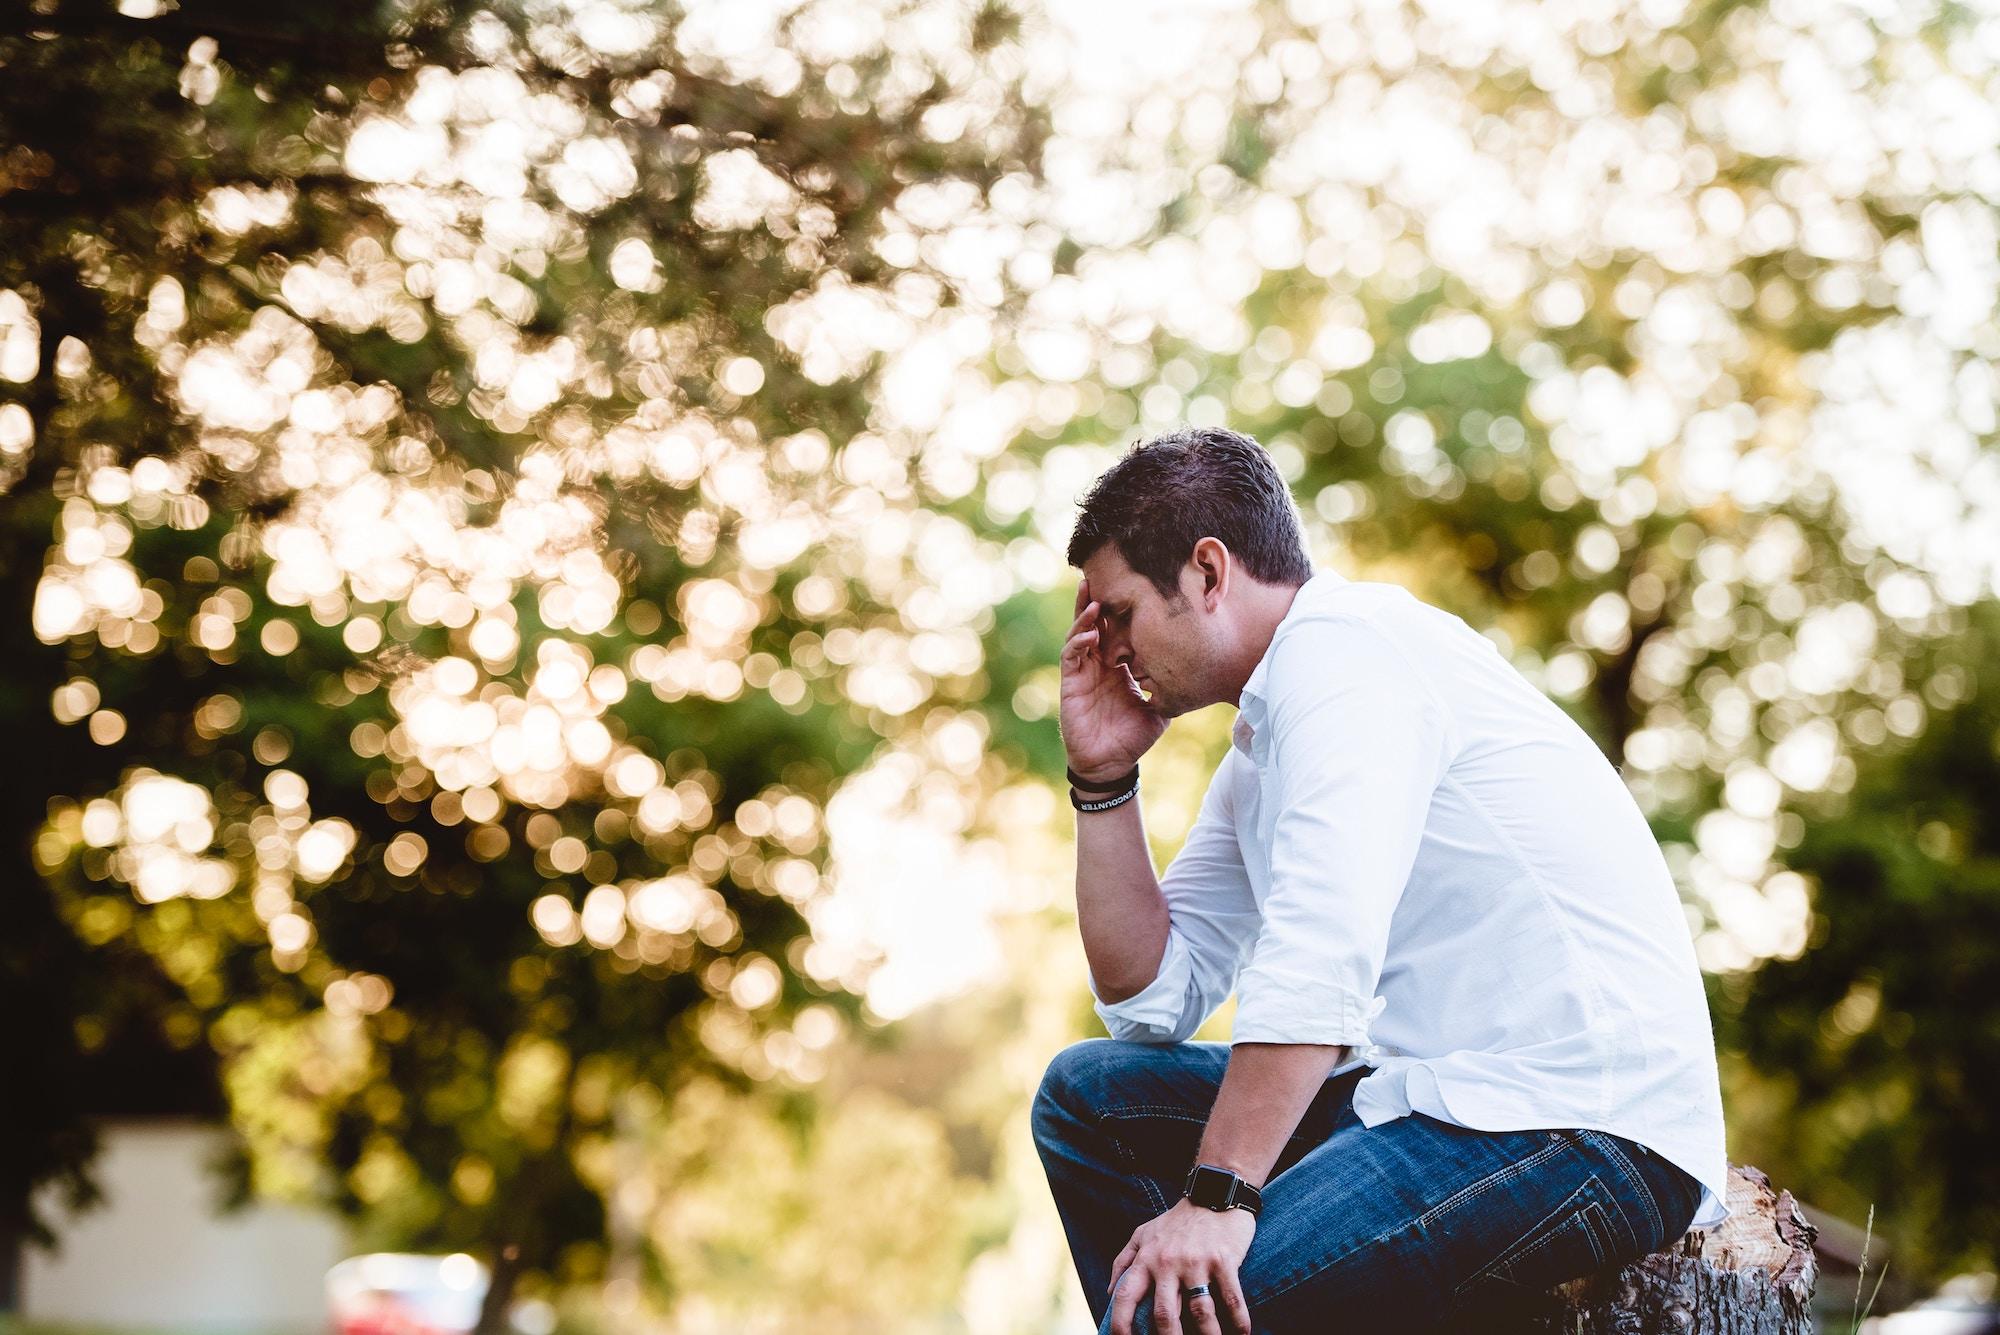 Depression kan have katastrofale følger for dit liv. Søg hjælp hvis du oplever symptomerne